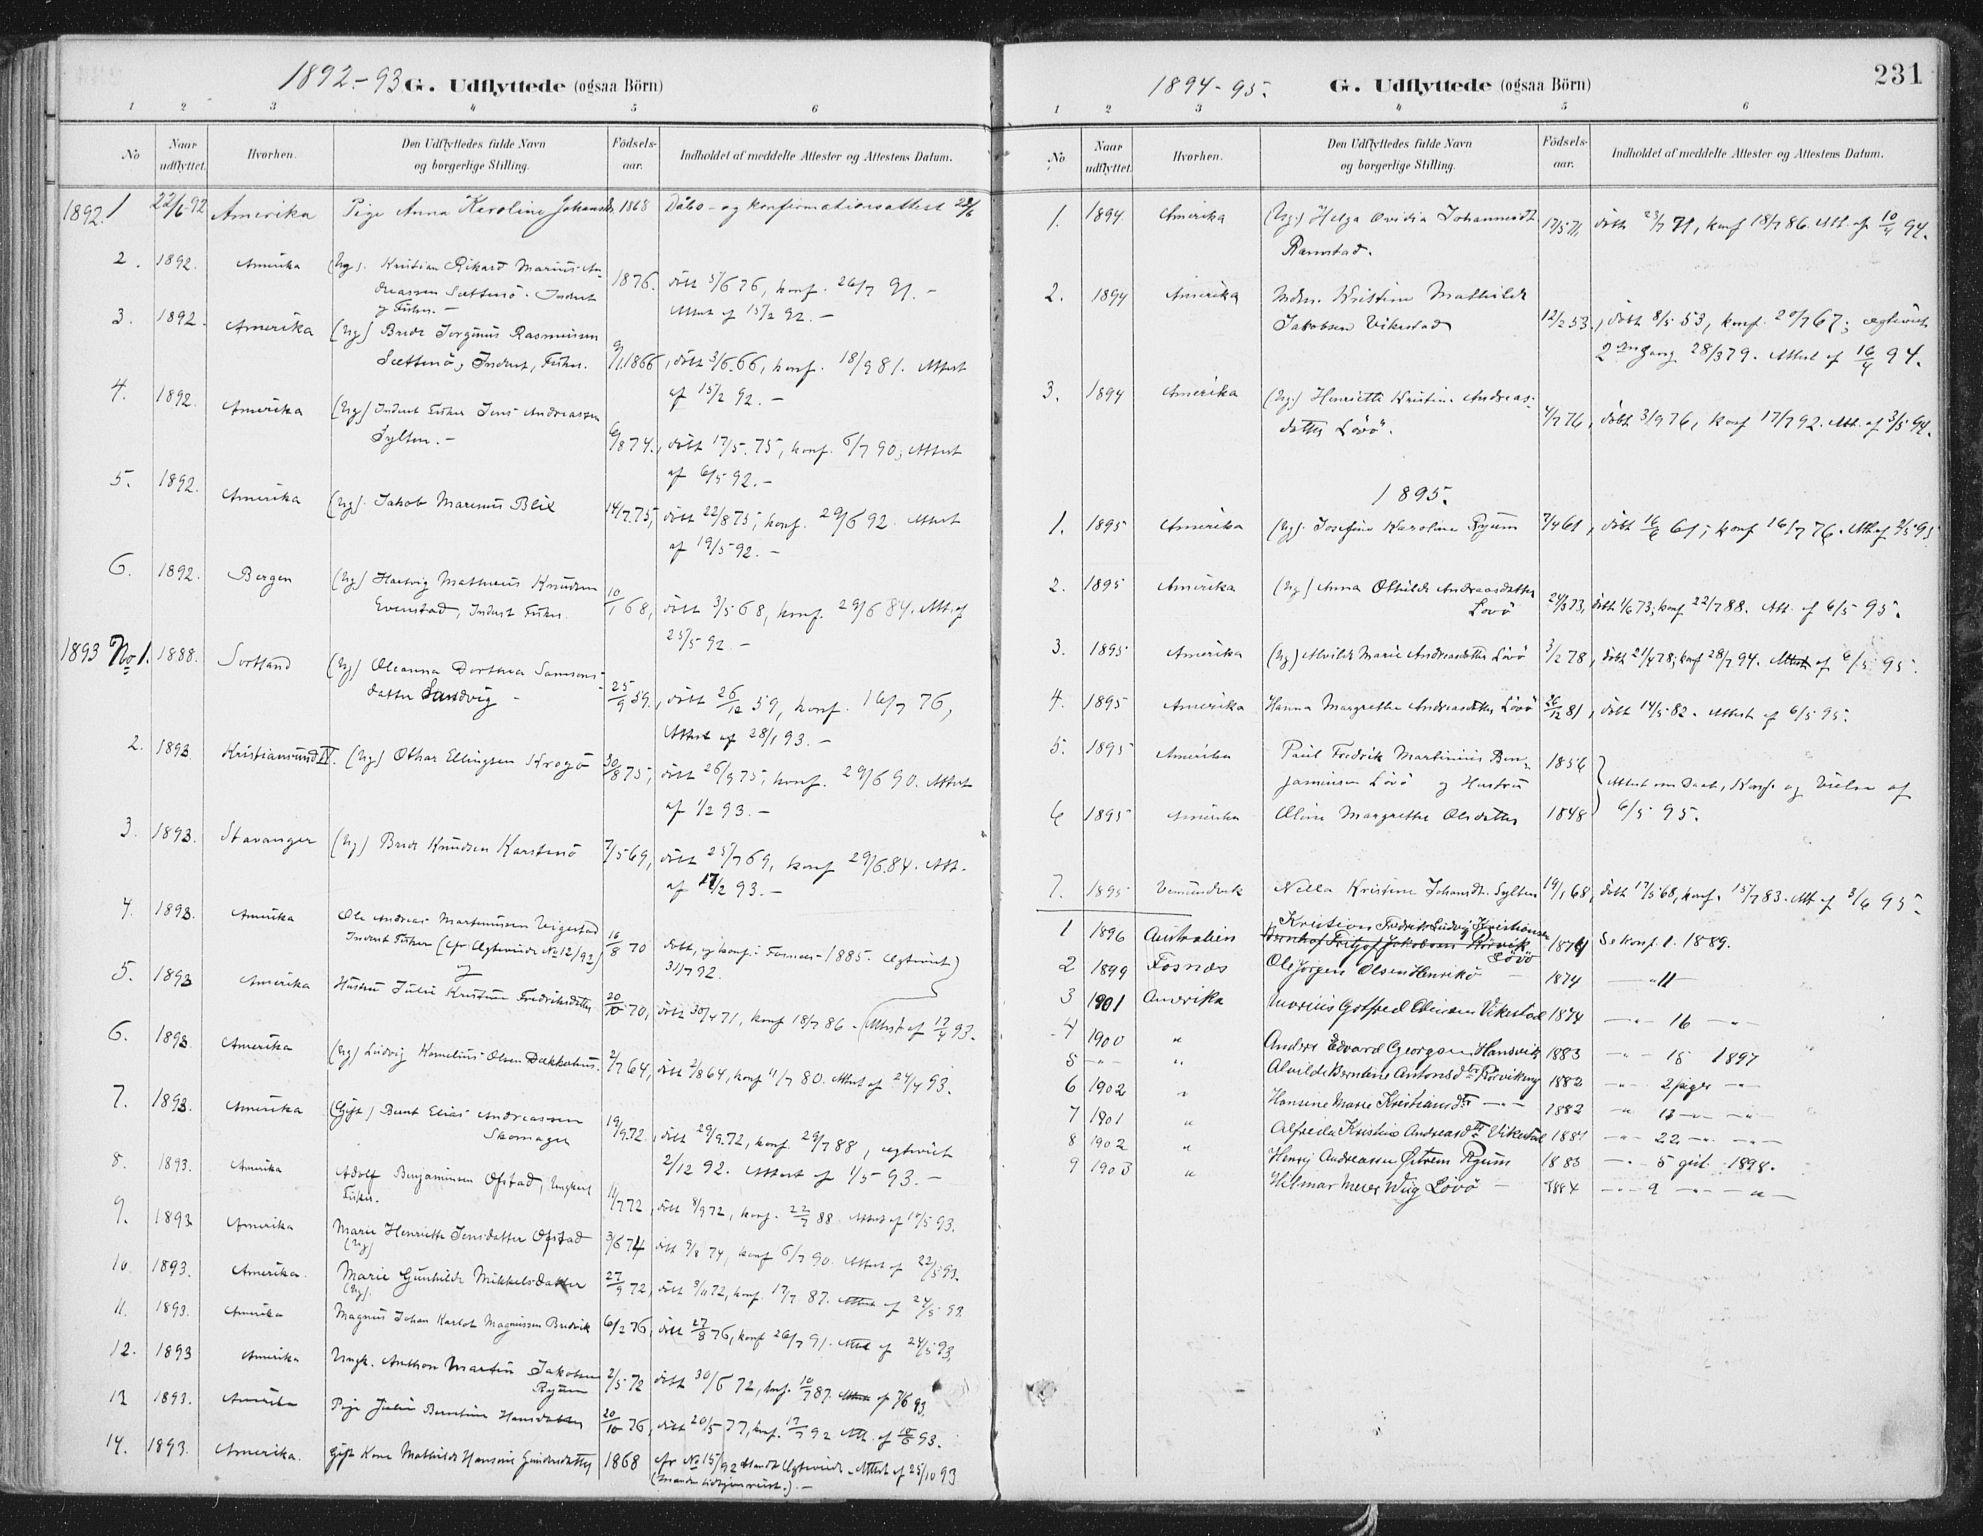 SAT, Ministerialprotokoller, klokkerbøker og fødselsregistre - Nord-Trøndelag, 786/L0687: Ministerialbok nr. 786A03, 1888-1898, s. 231